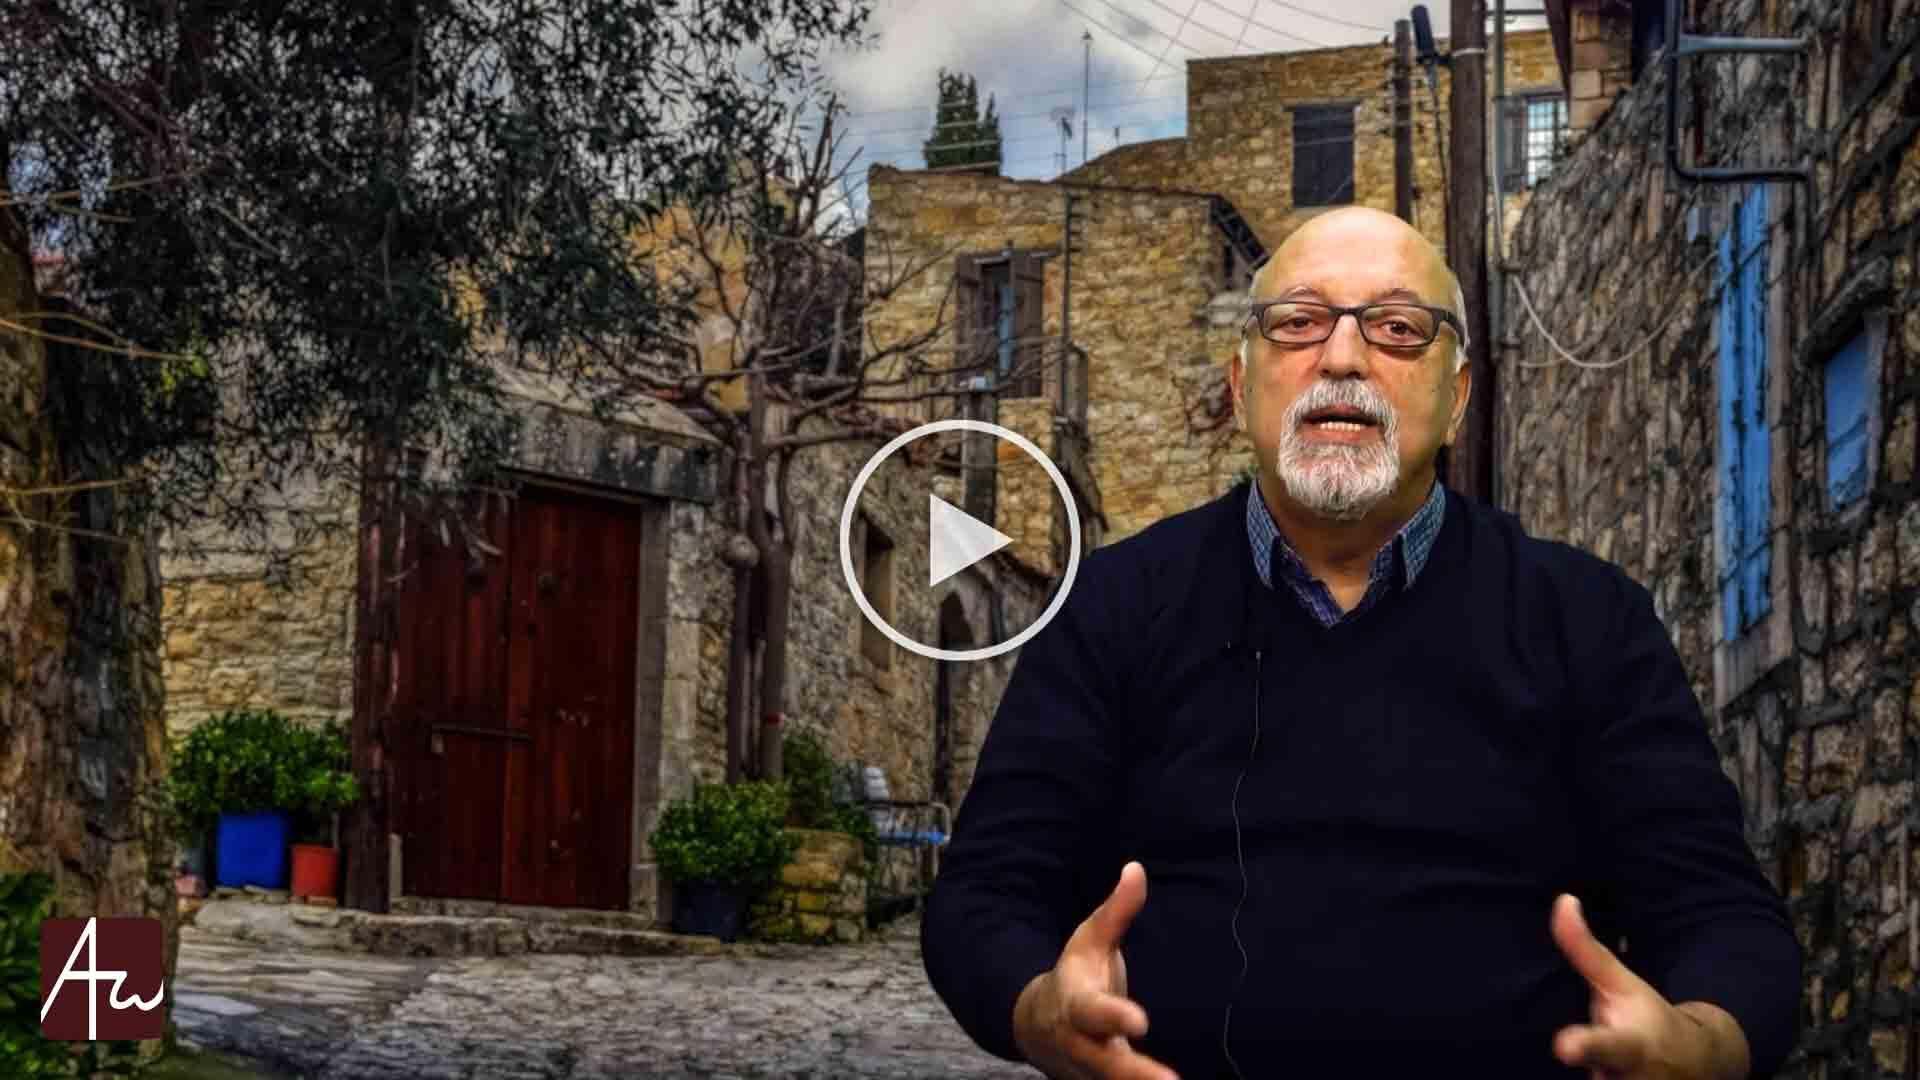 Τελώνης και Φαρισαίος - Θεολογικός Λόγος - Θεολογία - Απαρχή